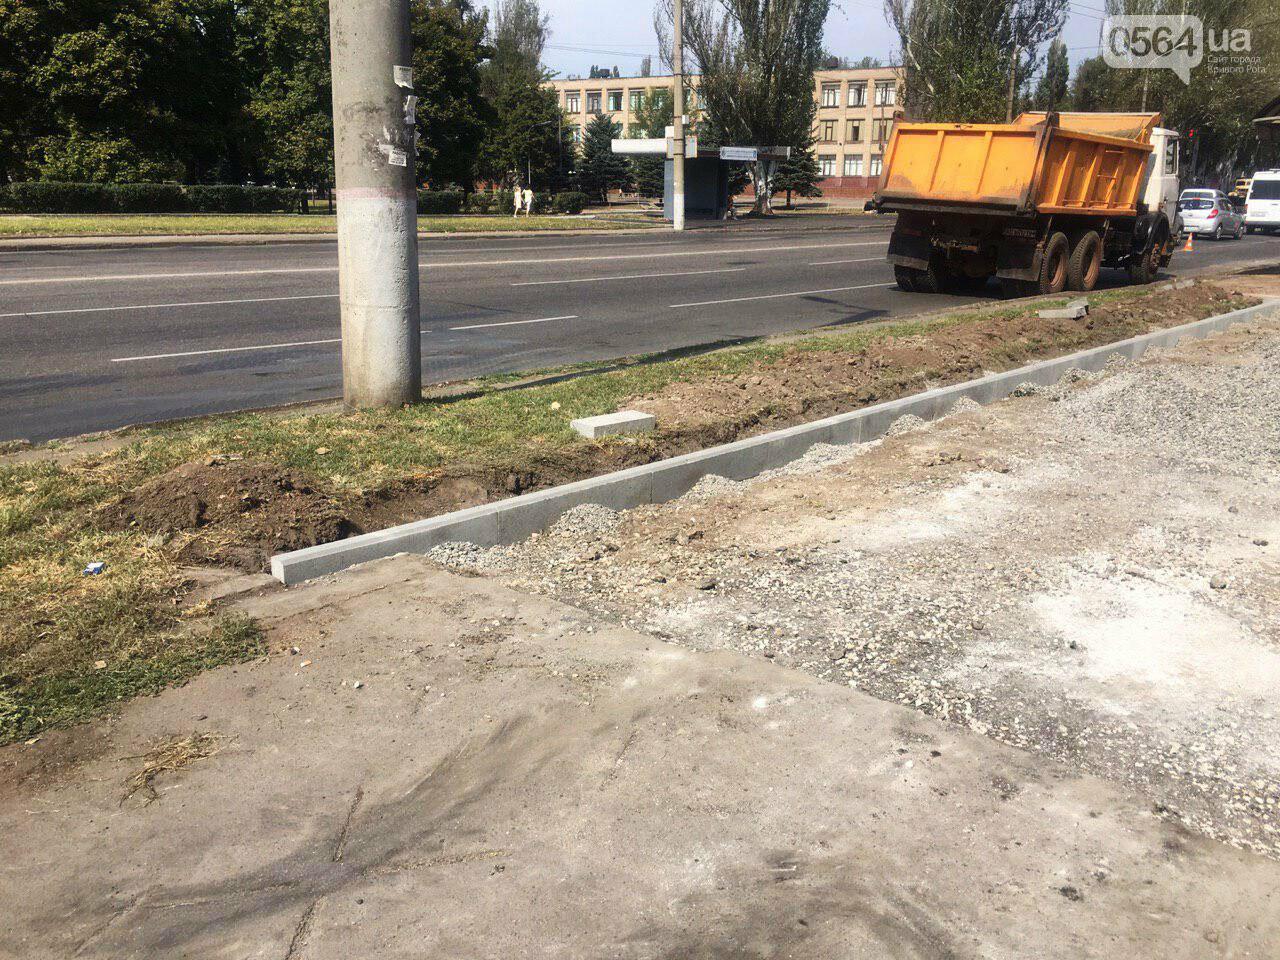 В Кривом Роге ремонтируют пешеходную дорожку к горисполкому, - ФОТО , фото-5